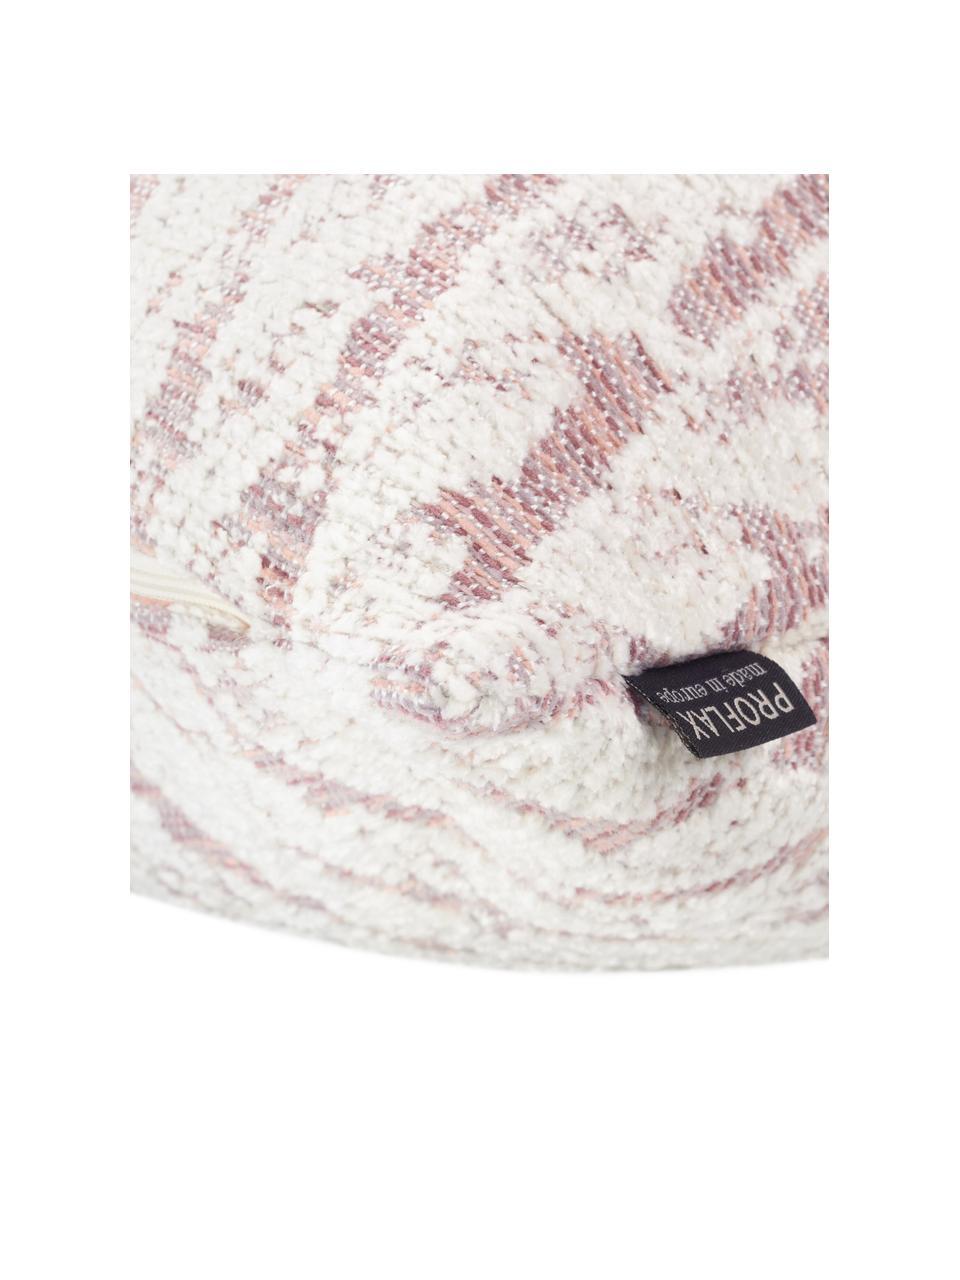 Kissenhülle Illinois in Rosa/Weiß mit grafischem Muster, 45% Polyacryl, 34% Polyester, 21% Polypropylen, Rosa, Weiß, 40 x 40 cm